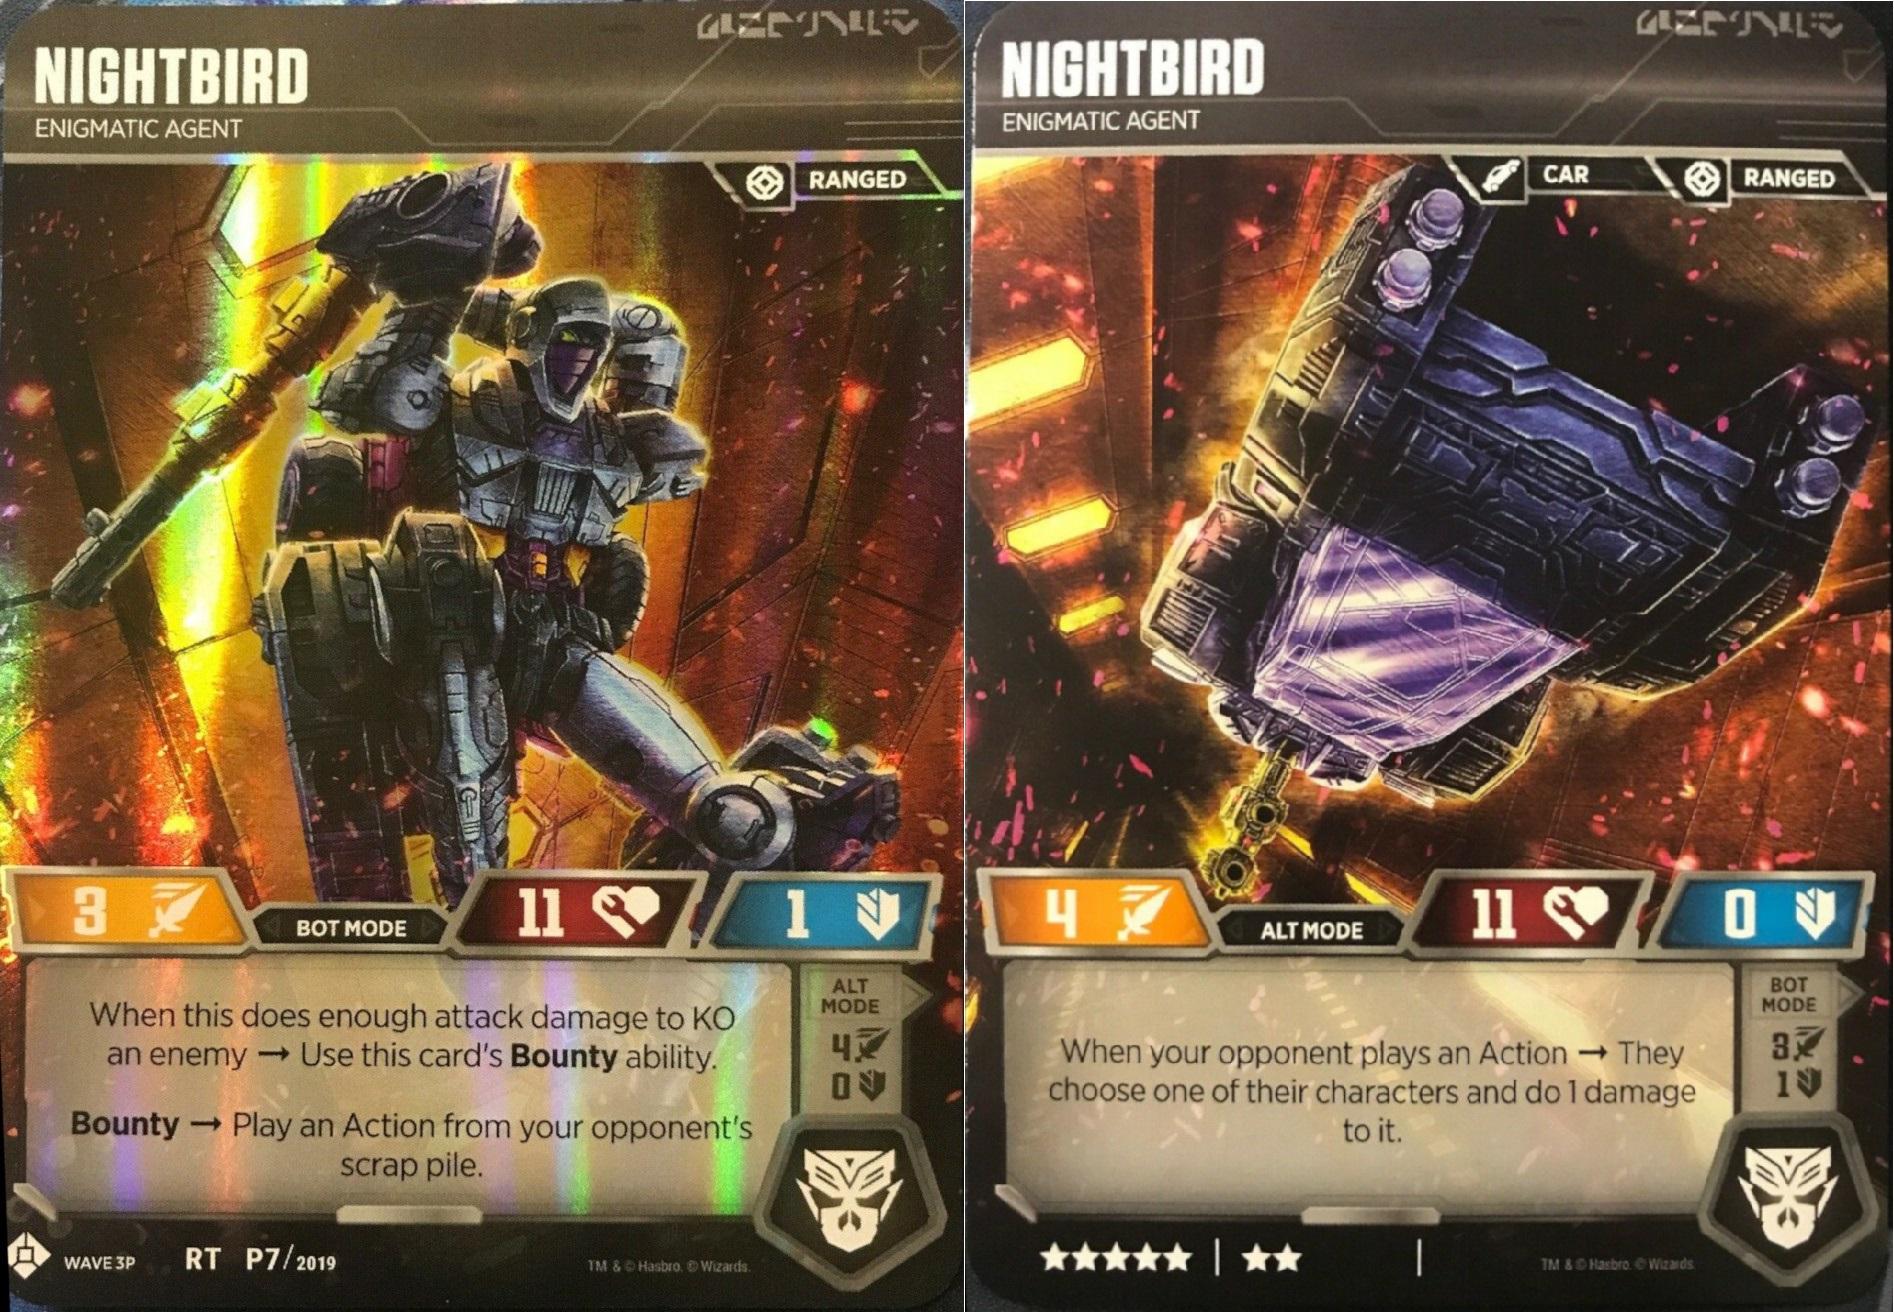 Nightbird // Enigmatic Agent